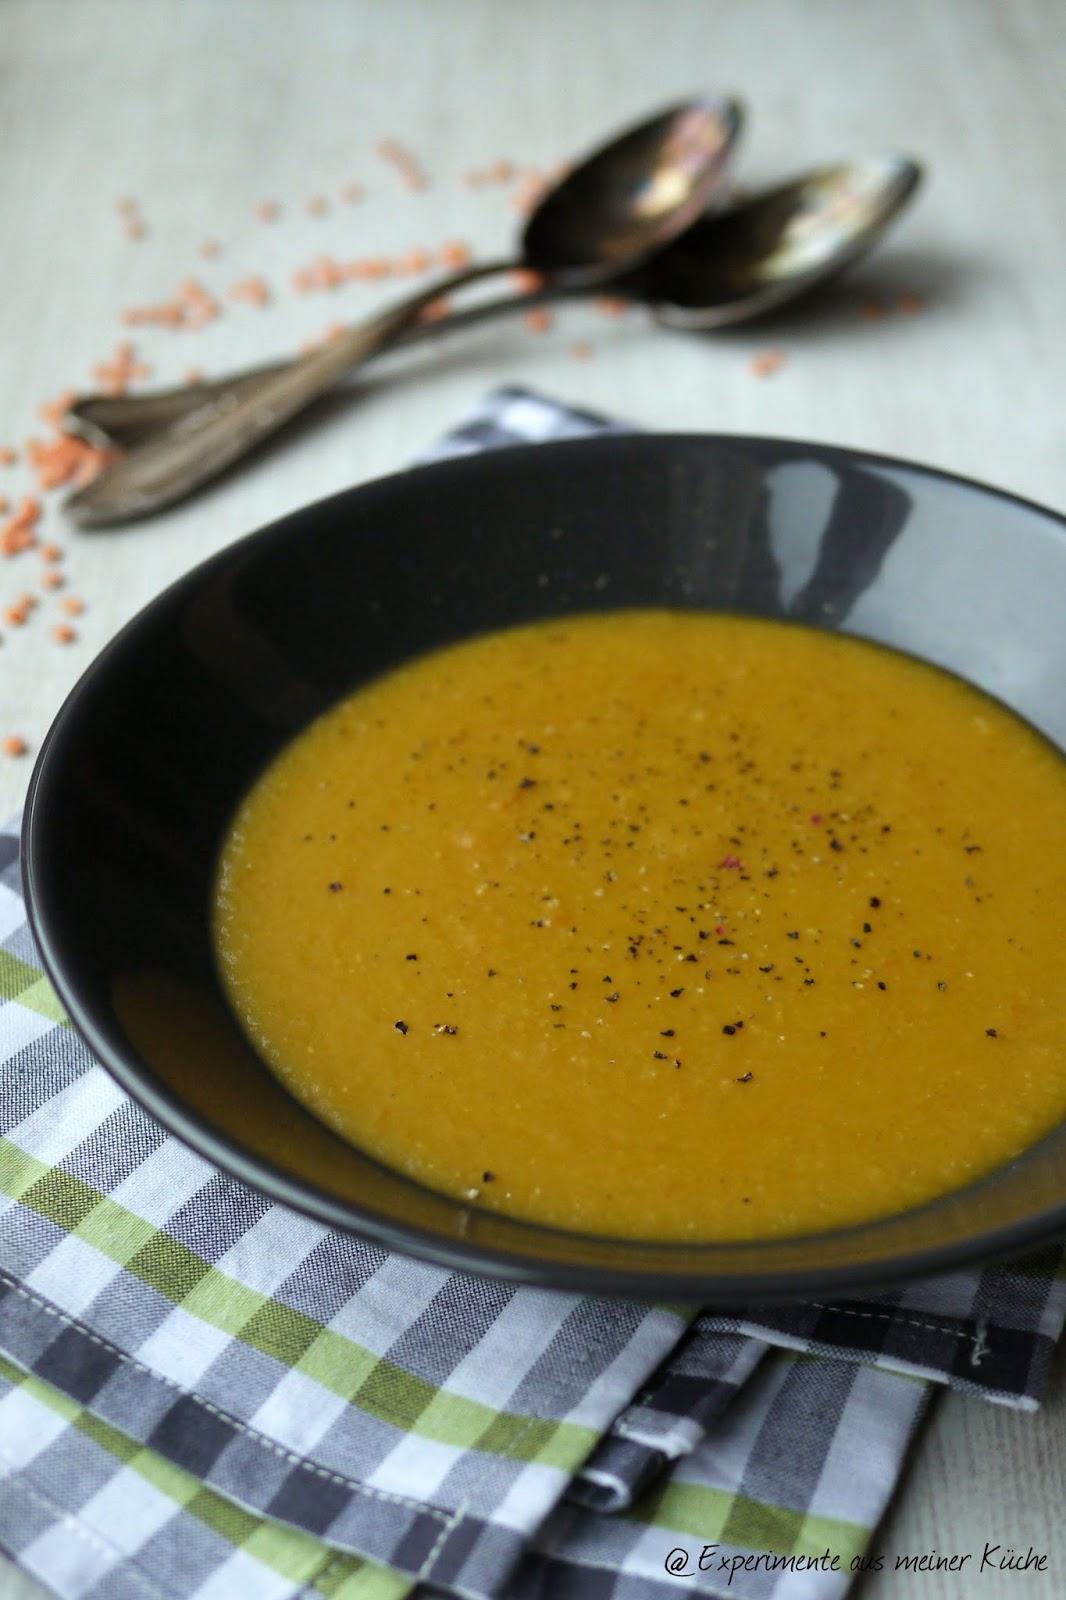 Experimente aus meiner Küche: Möhren-Linsen-Suppe